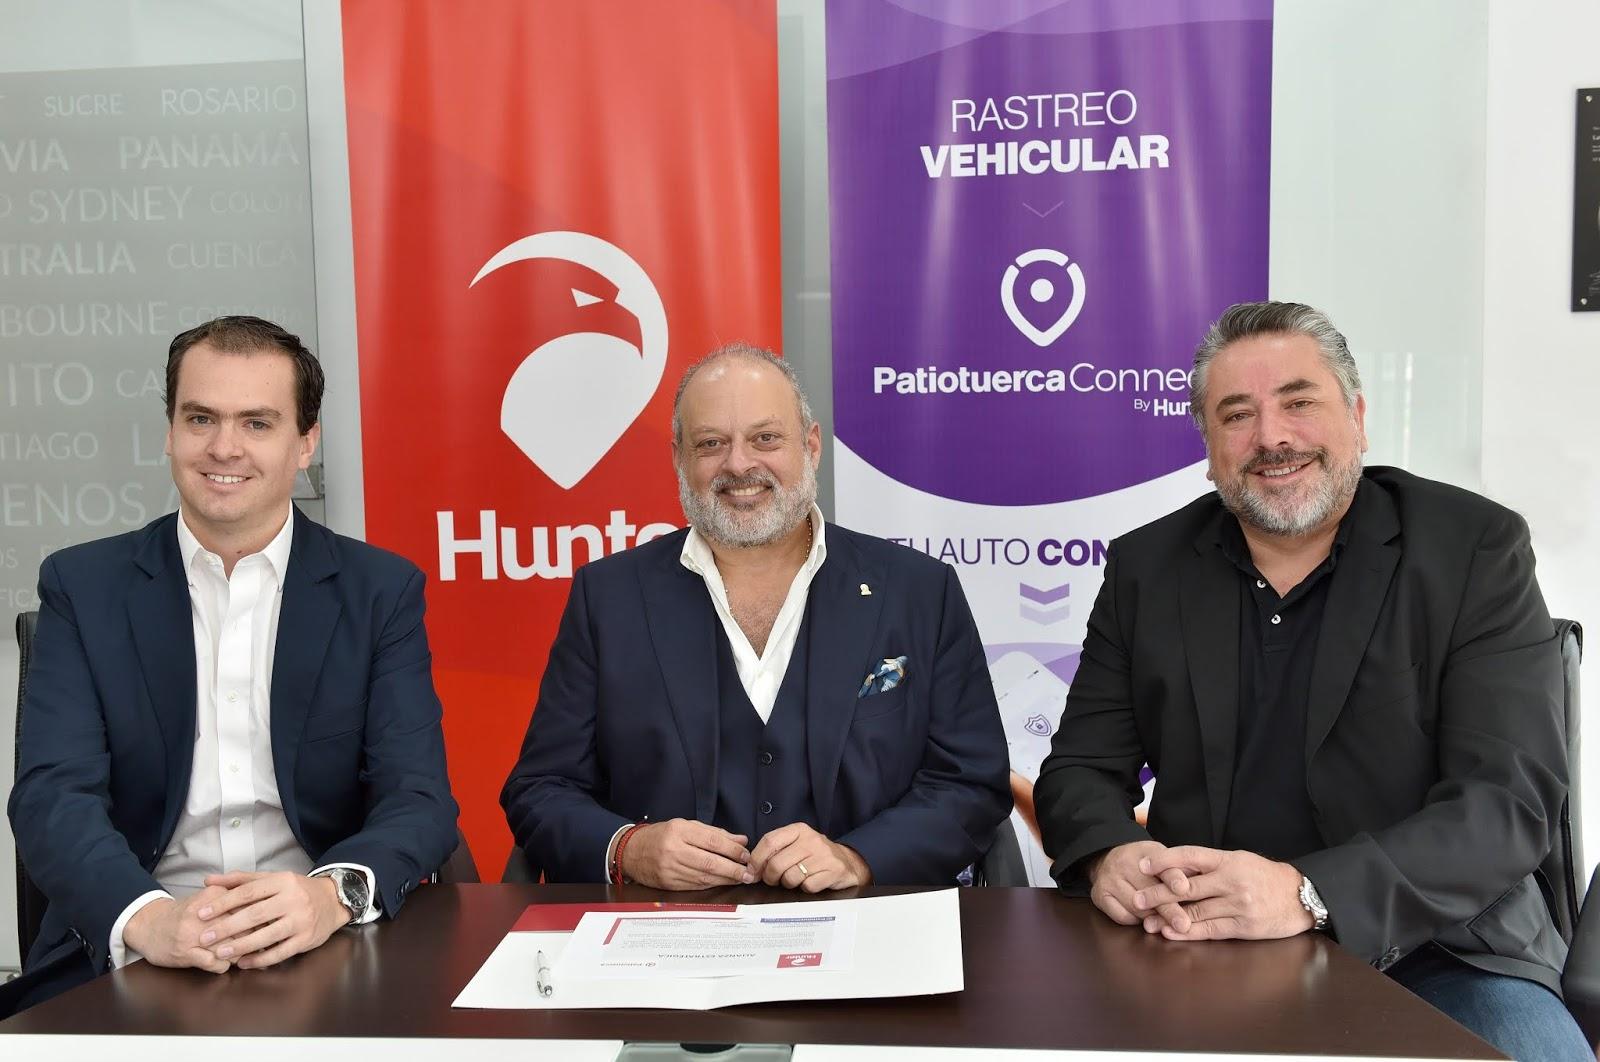 Nueva app 'Patiotuerca Connect by Hunter' llega para revolucionar la seguridad y rastreo vehicular en el Ecuador